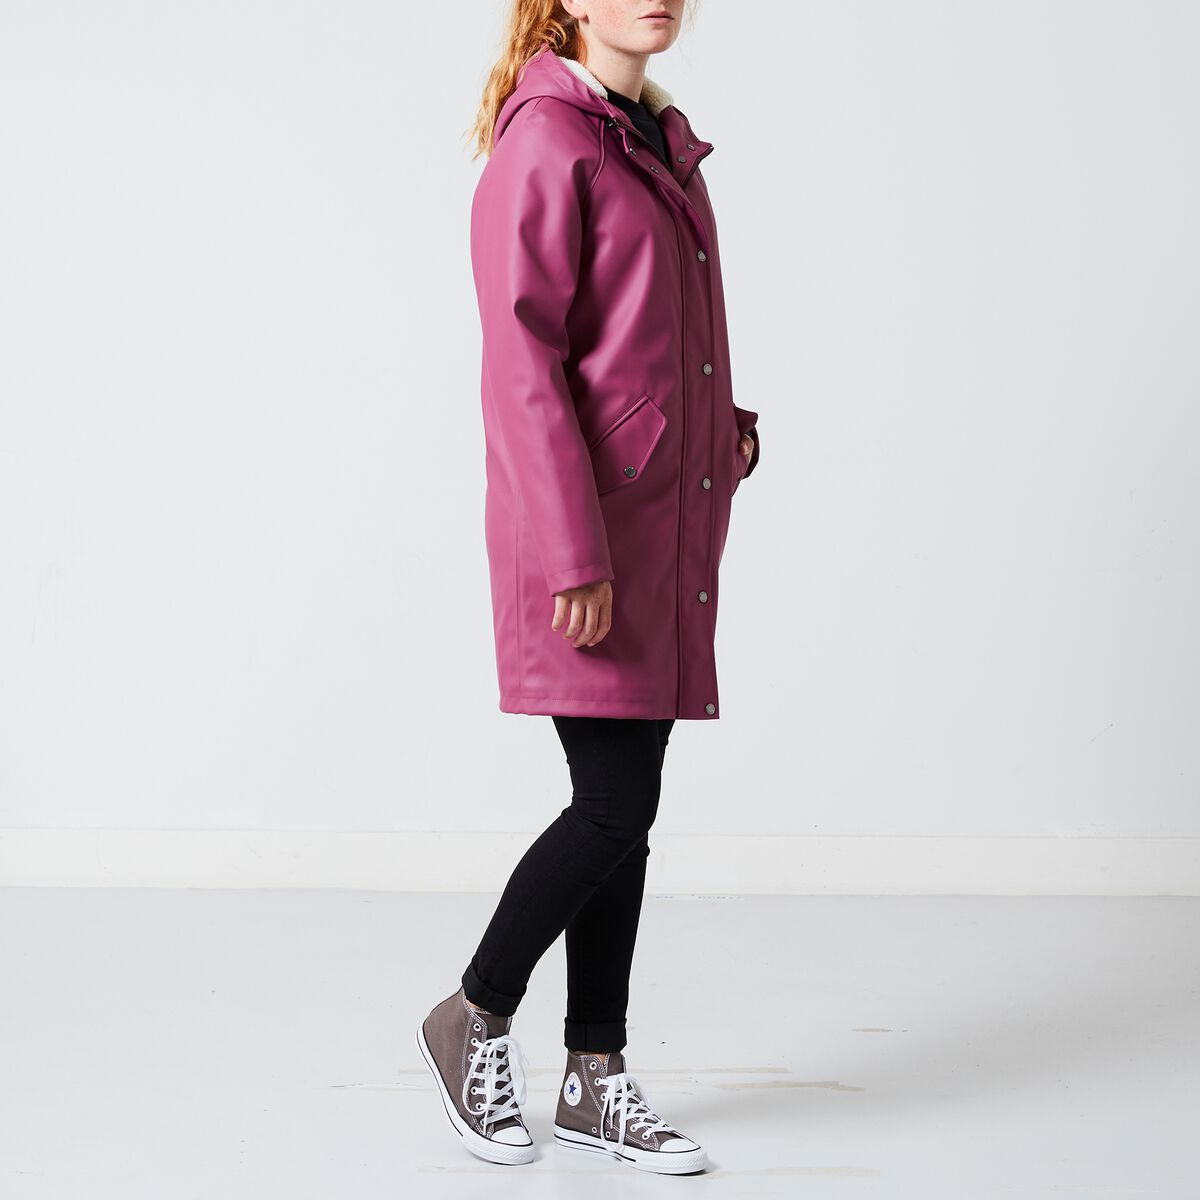 Neu werden schöne Schuhe am besten bewertet neuesten Damen Regenmantel Janet Teddy Rosa Online Kaufen